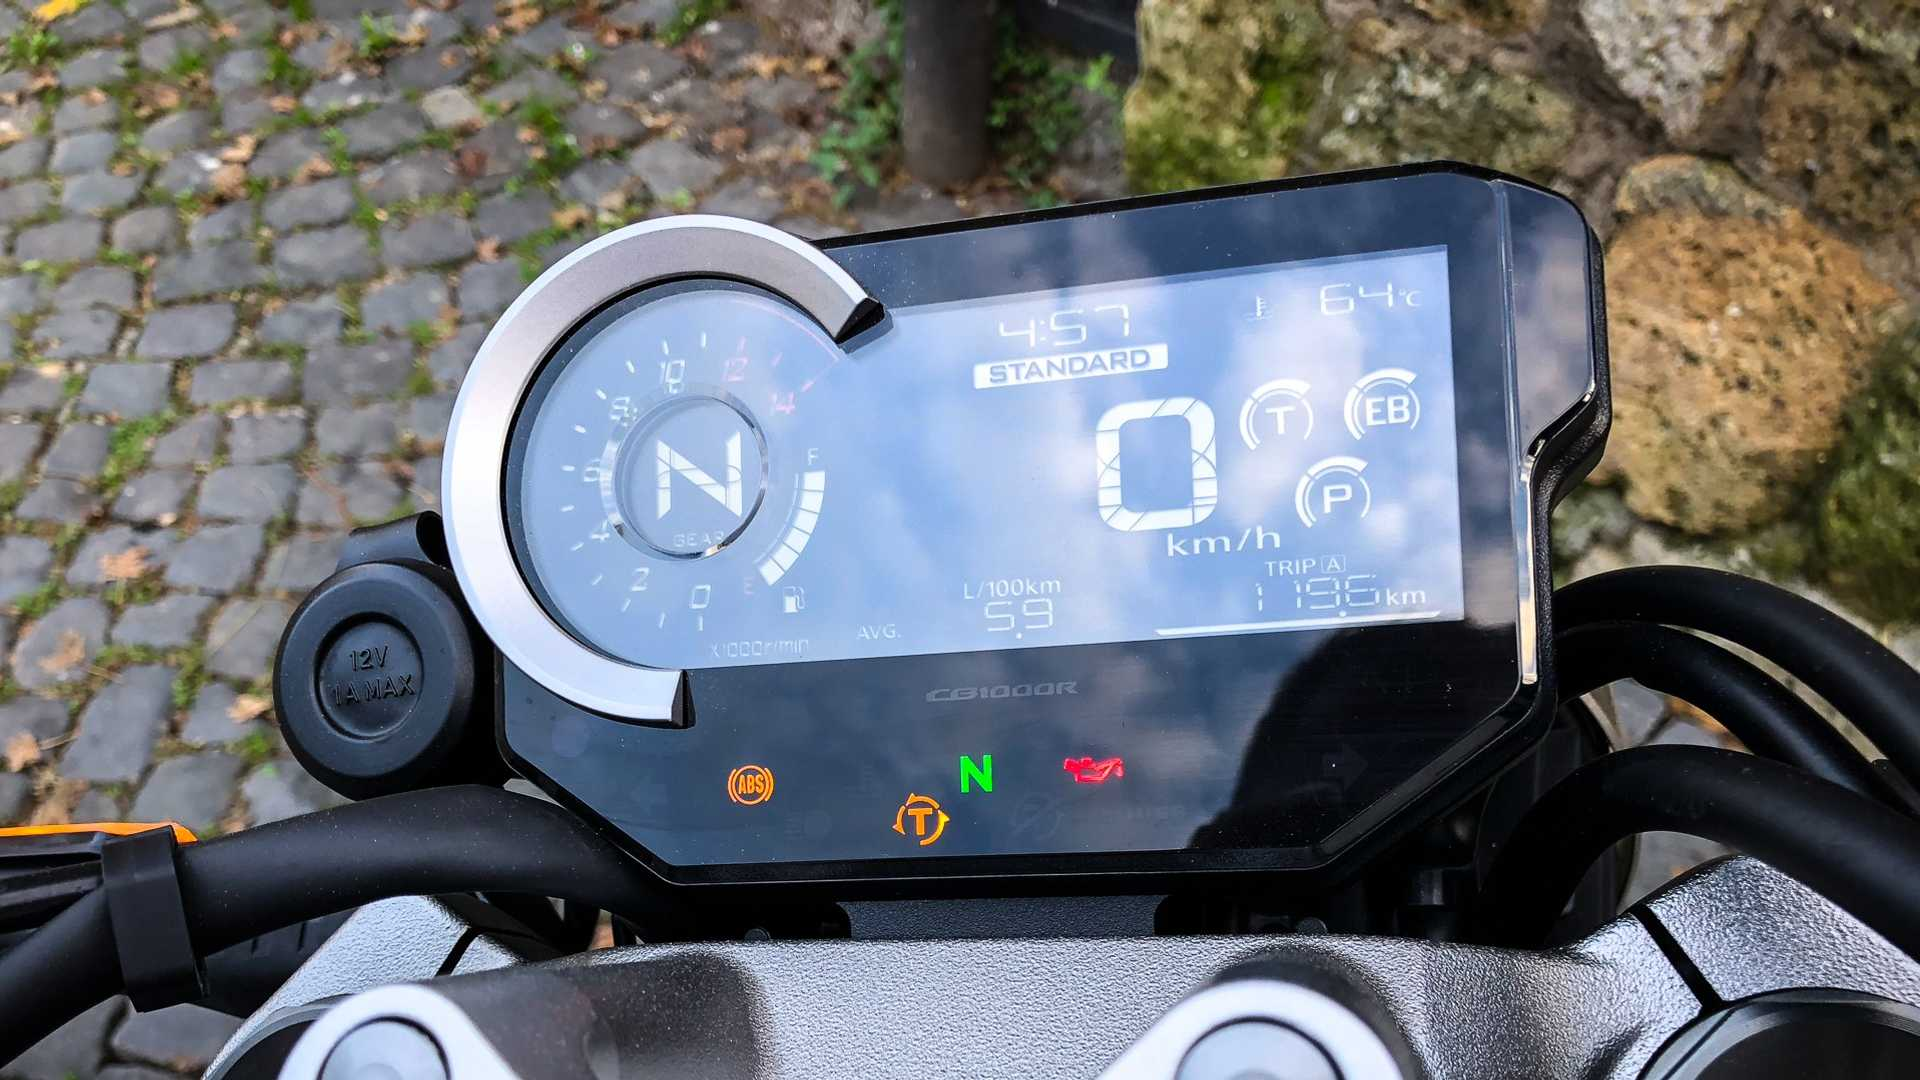 honda cb1000r 2019 test ride na italia 3